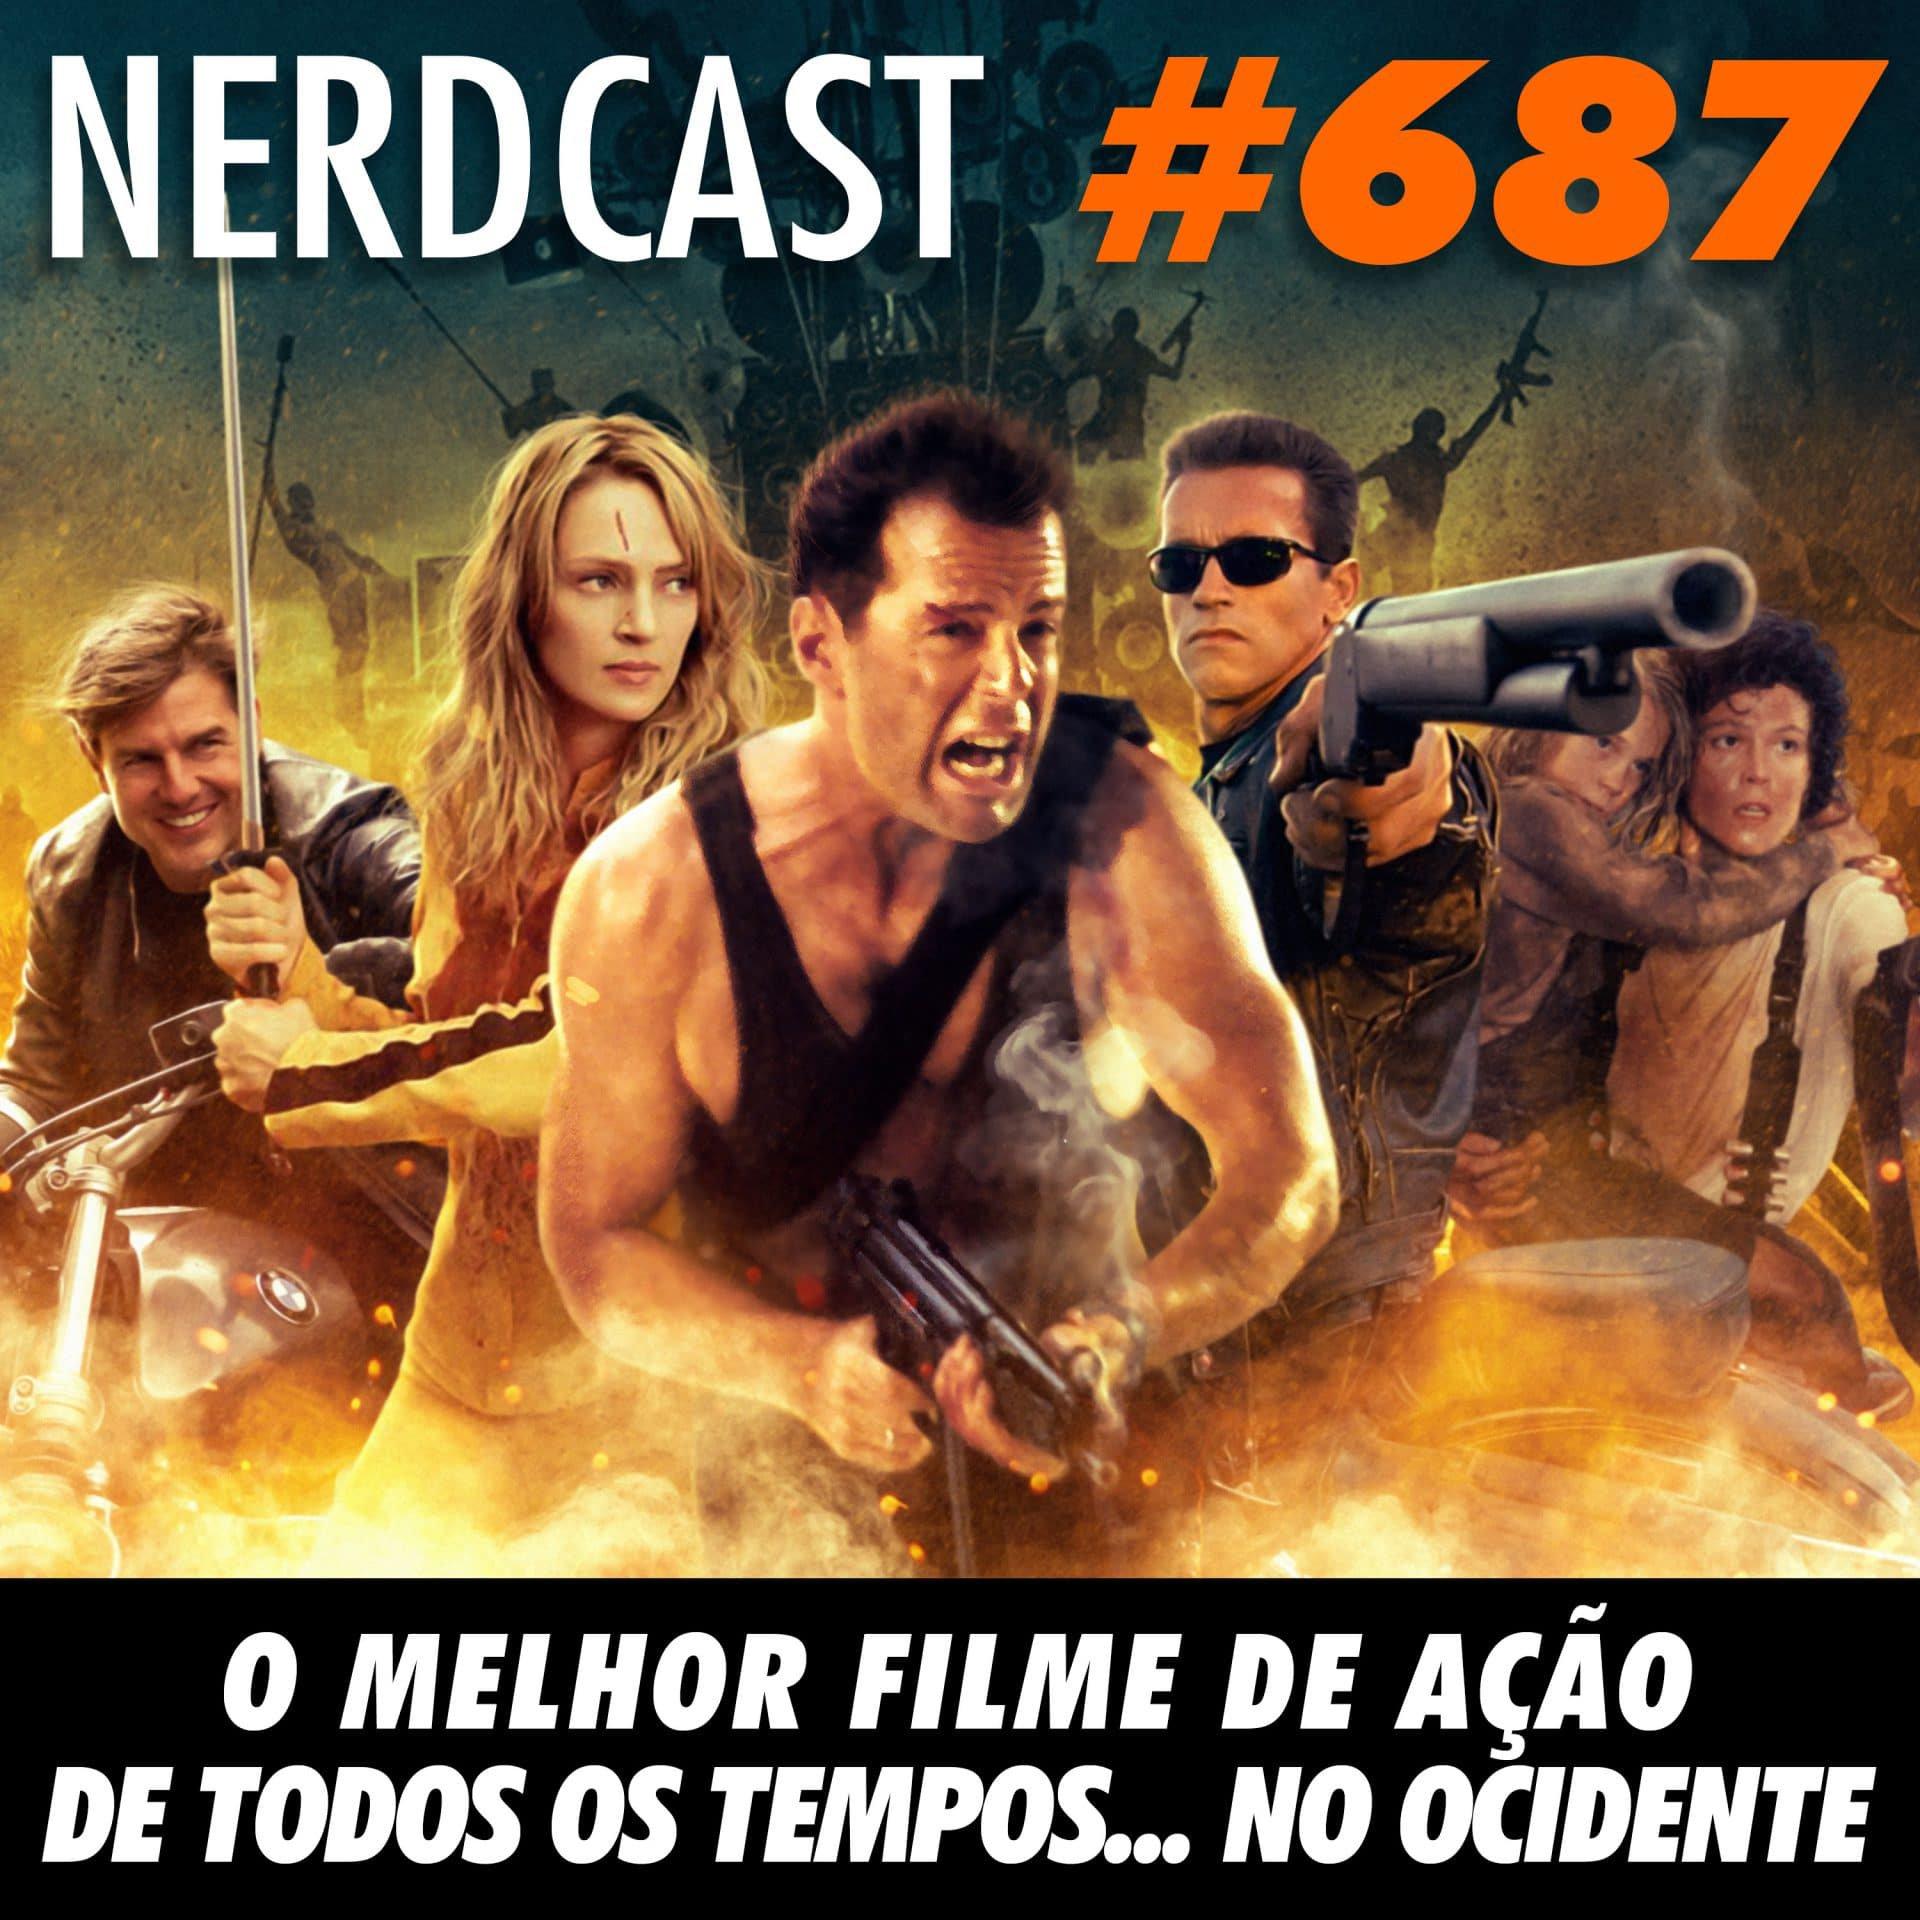 NerdCast 687 - O melhor filme de ação de todos os tempos… no ocidente